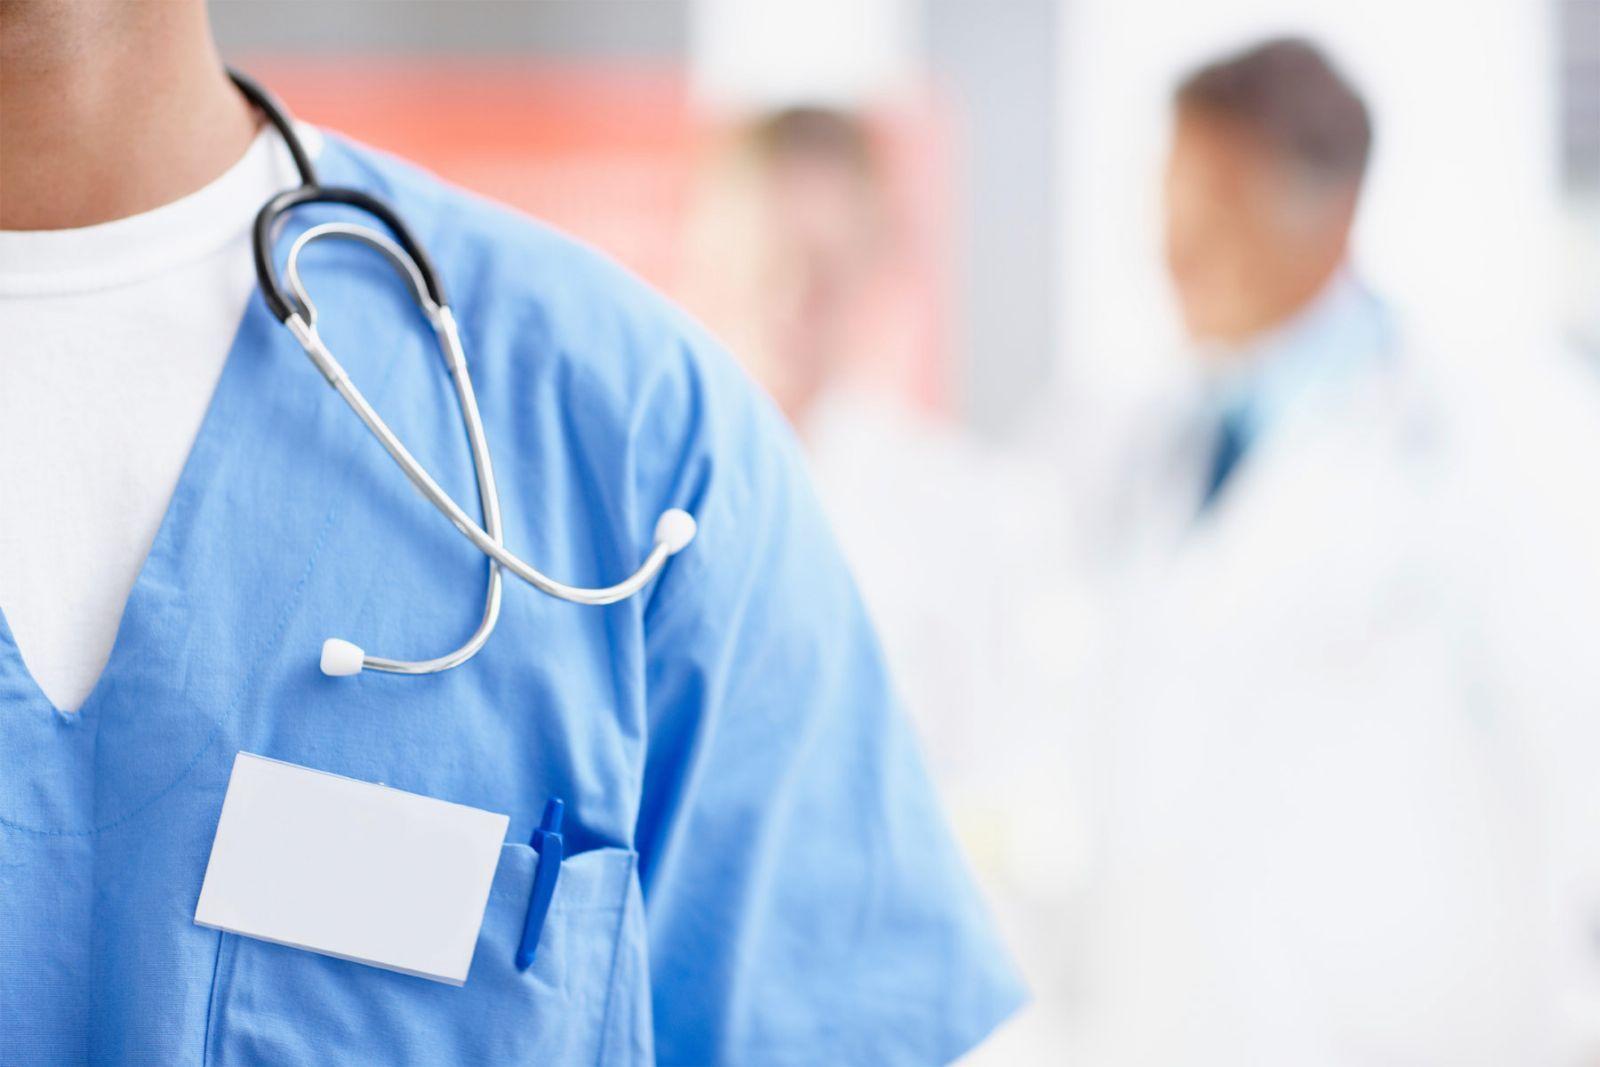 En muchas ocasiones los médicos estadounidenses son obligados a realizar abortos debido a la mala aplicación de las leyes federales